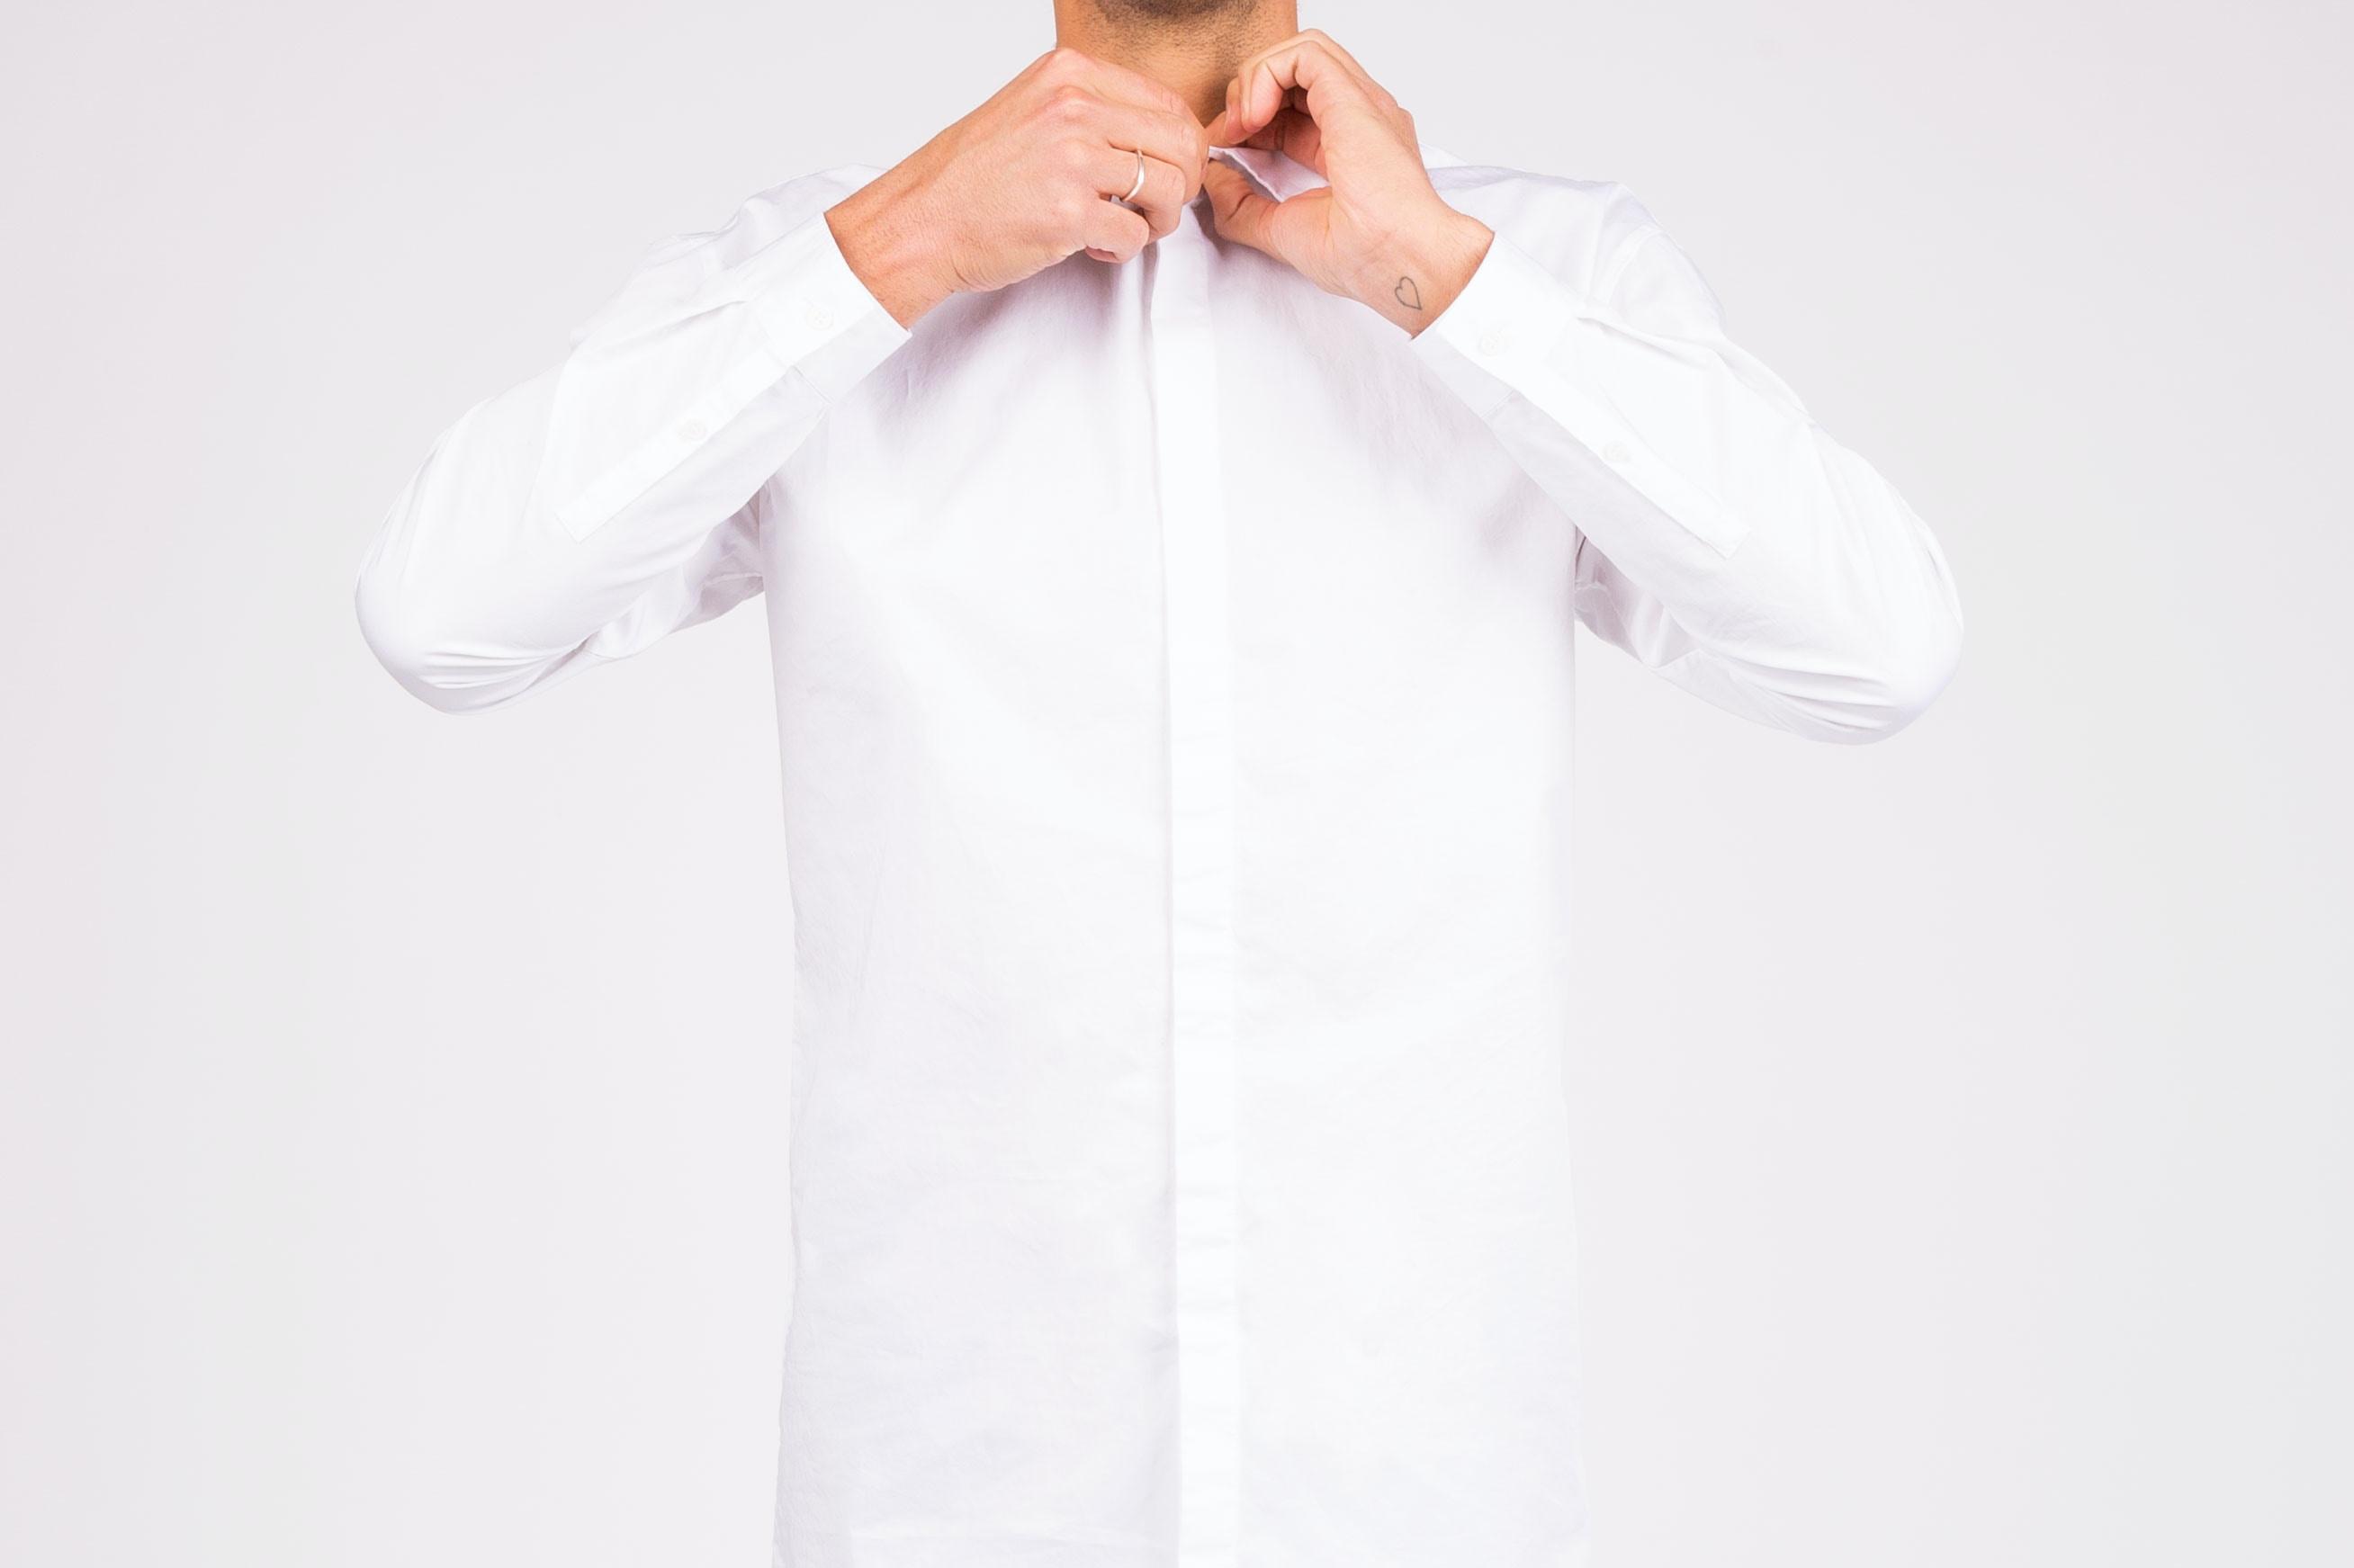 A man buttoning up a white shirt